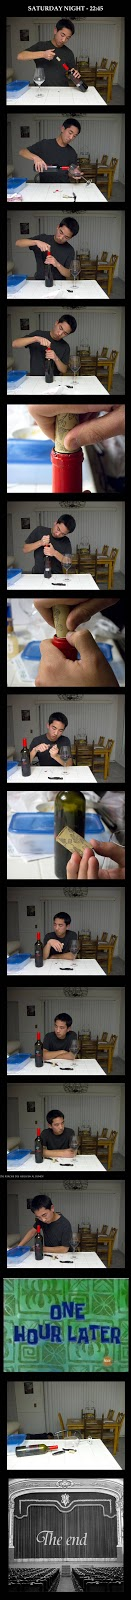 Nach dem Streit - Samstag Abend alleine Wein trinken lustig